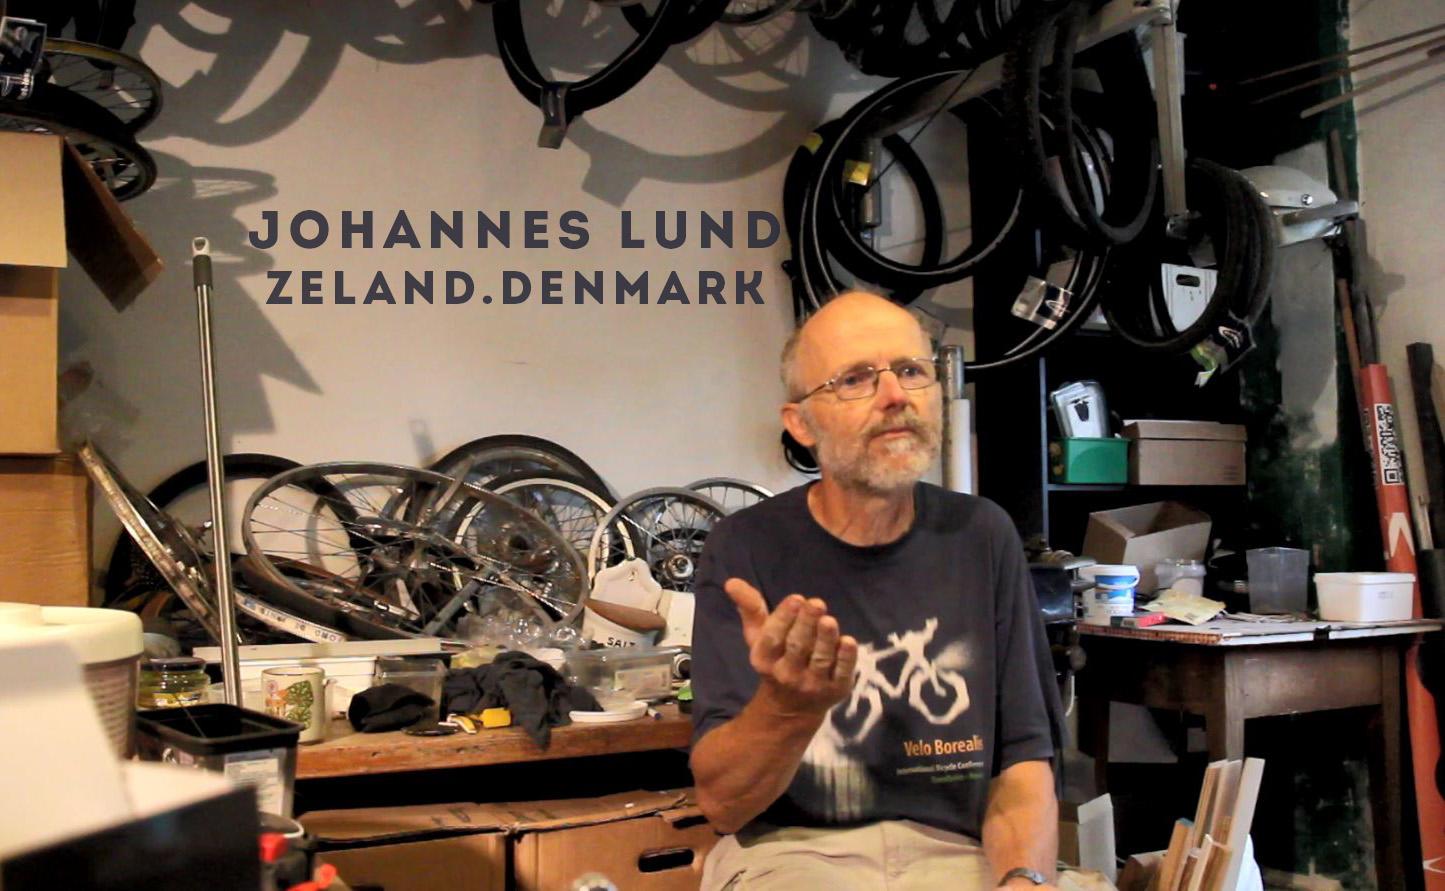 Johannes Lund